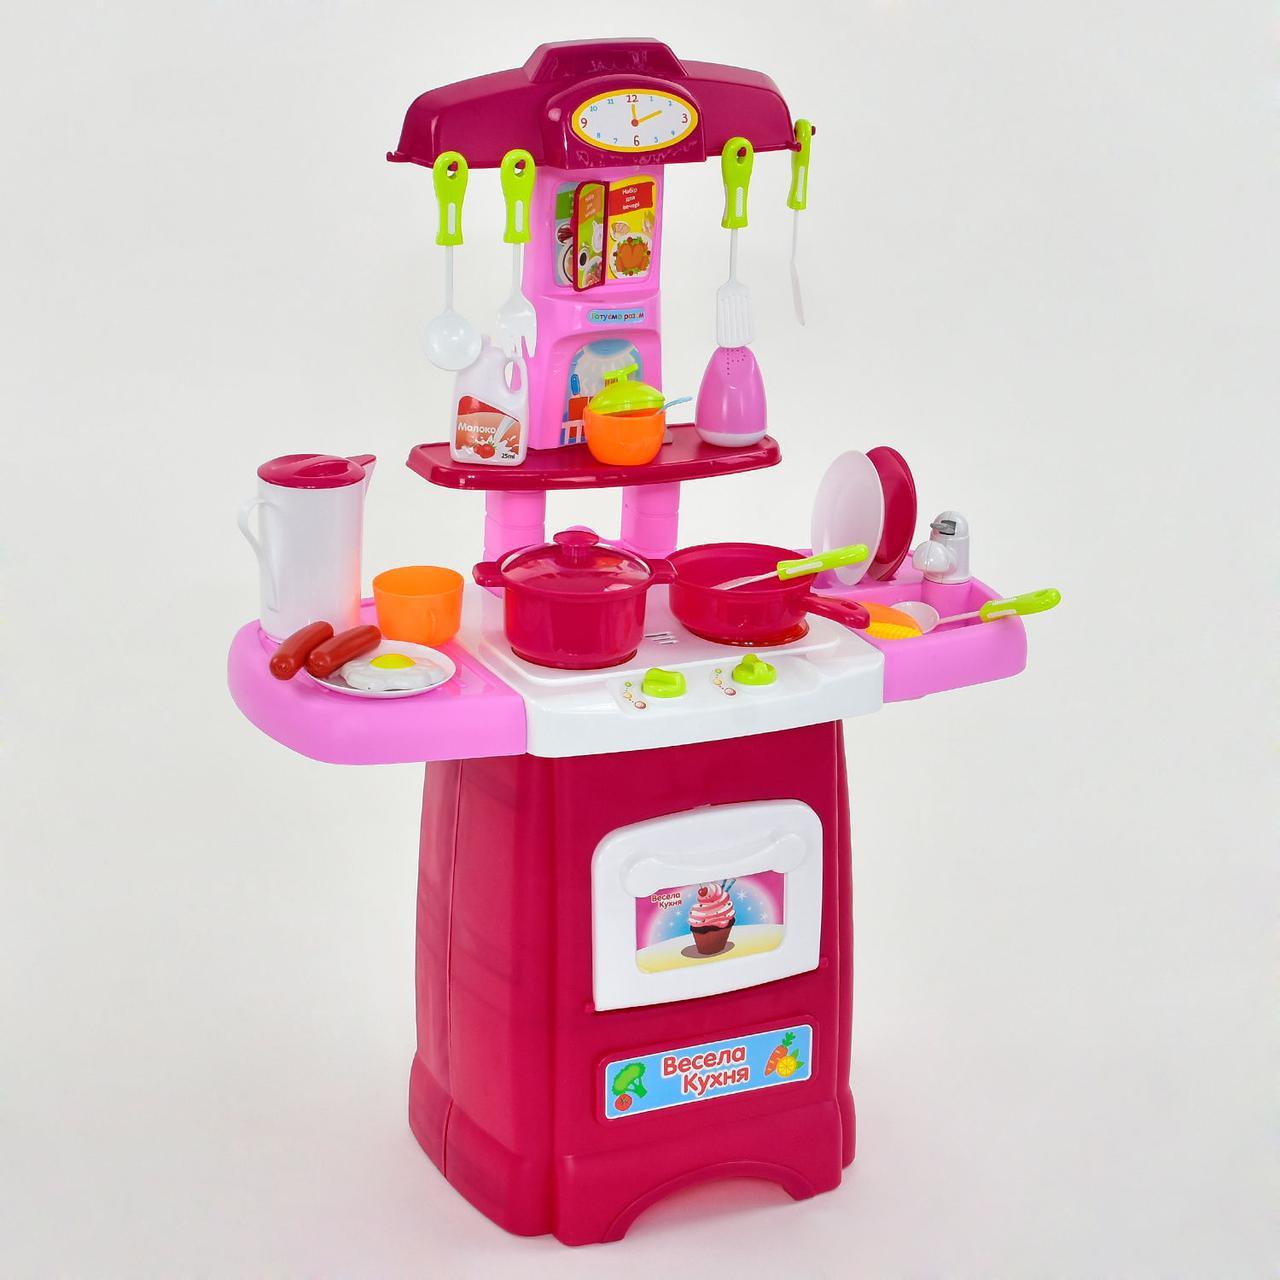 Кухня детская со звуками и циркуляцией воды арт. 2728